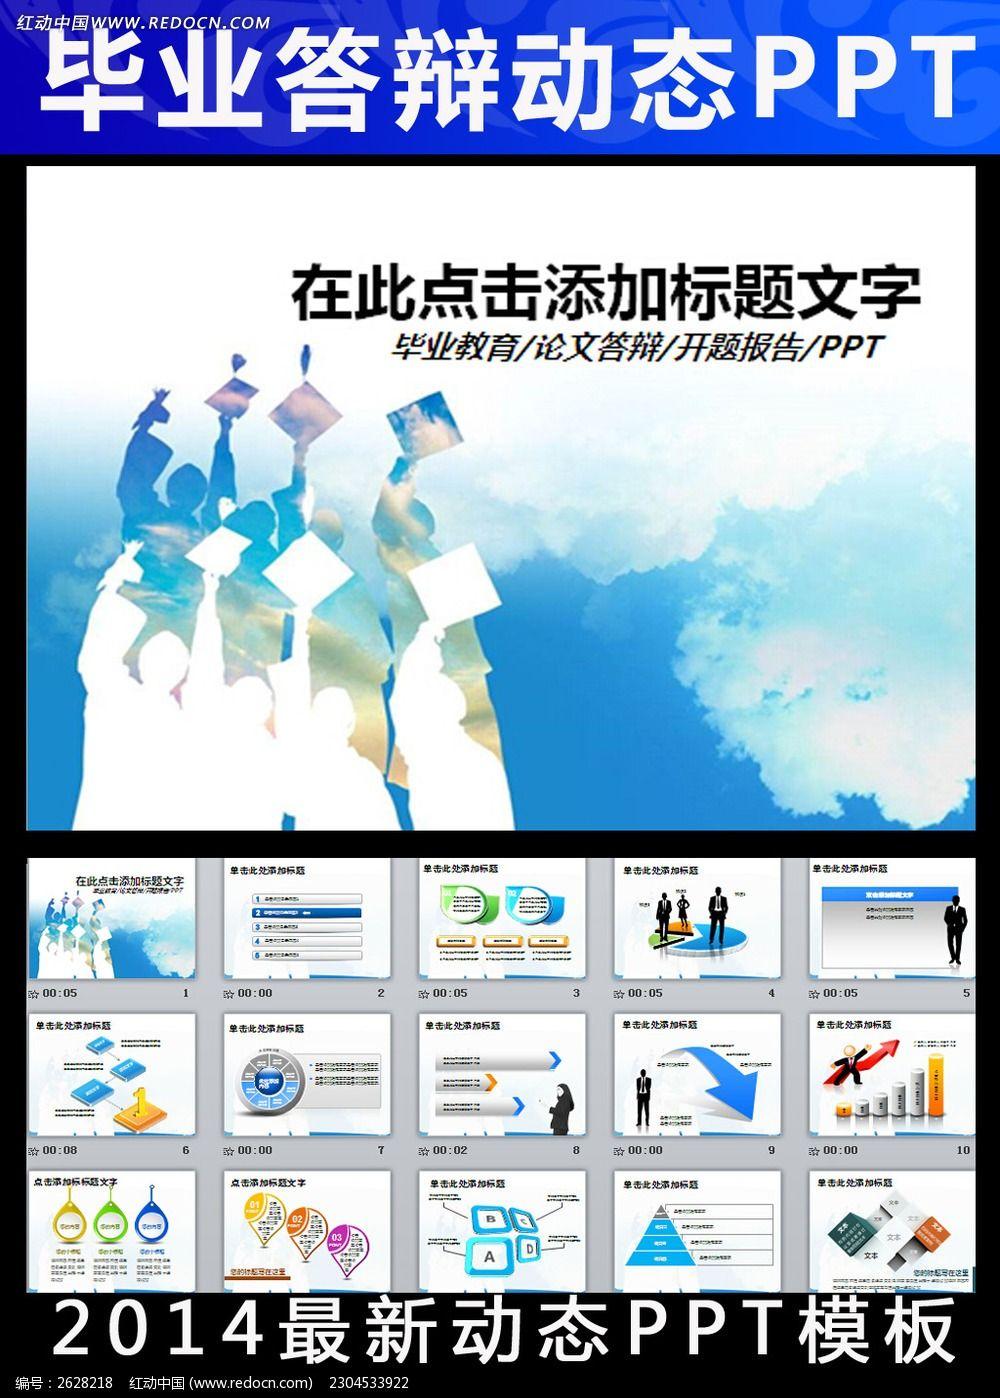 文答辩ppt 开题报告教育动态PPT模板 业 论文答辩 开题报告 教育